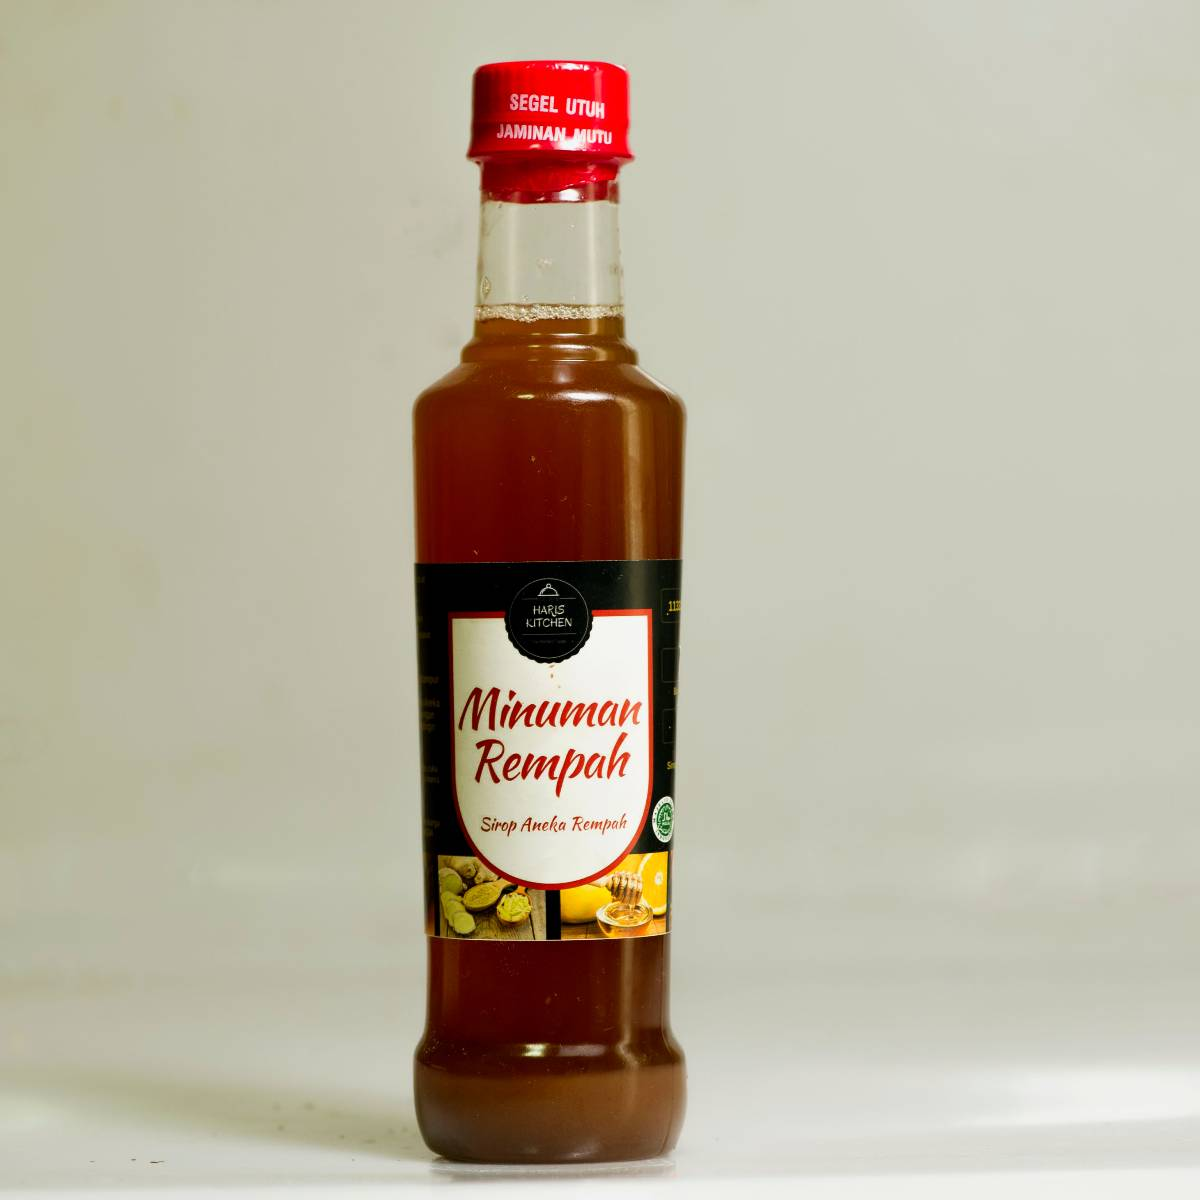 Minuman Rempah (sirop)0